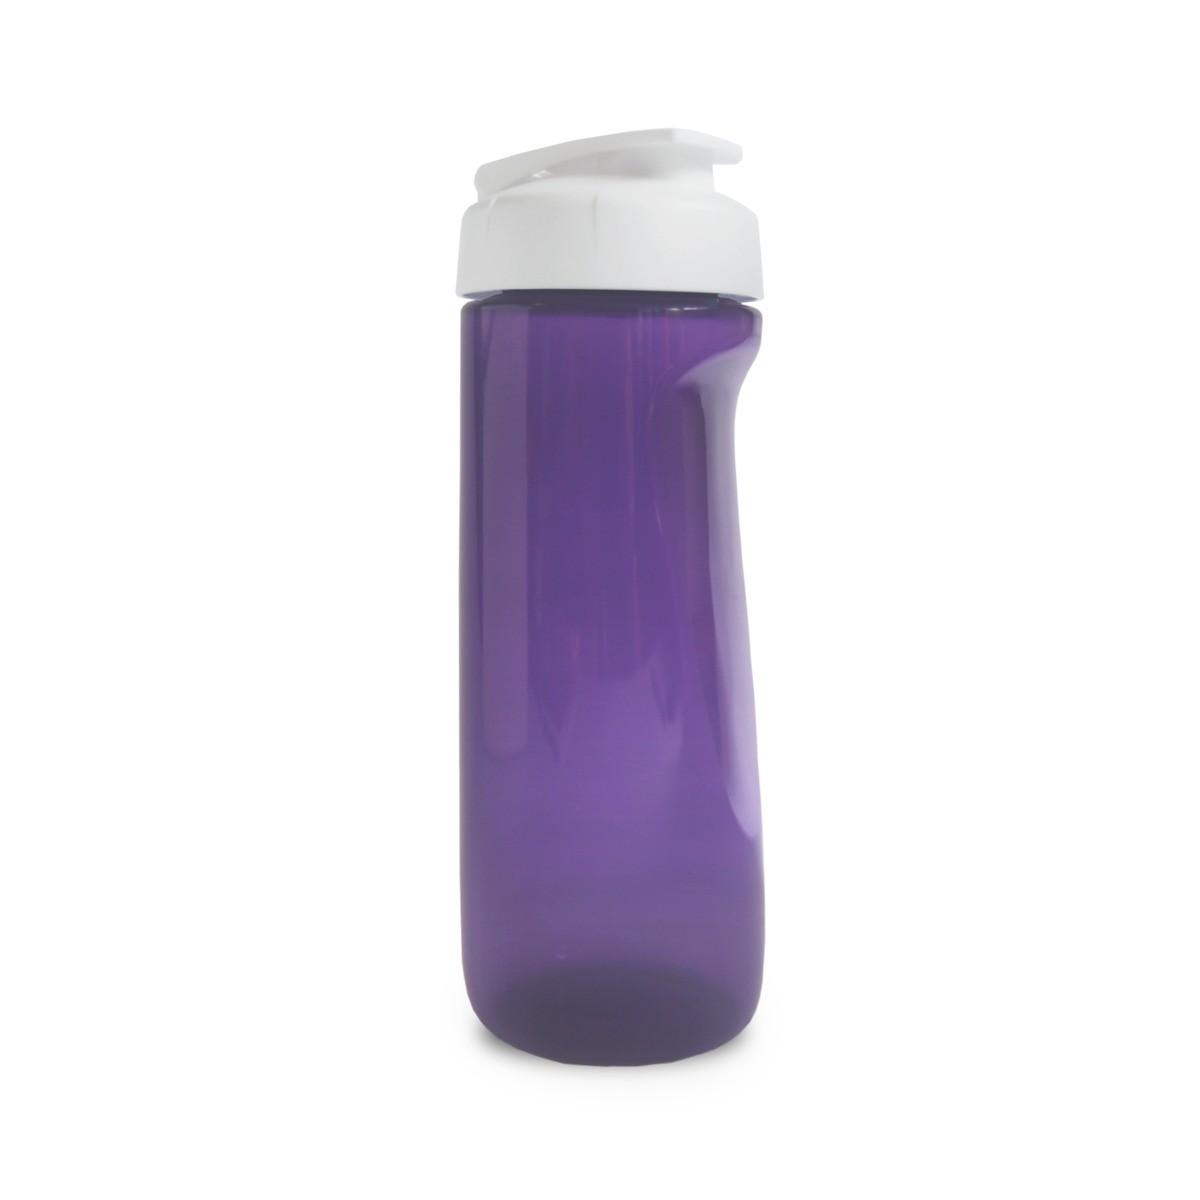 Vattenflaska Kick lila